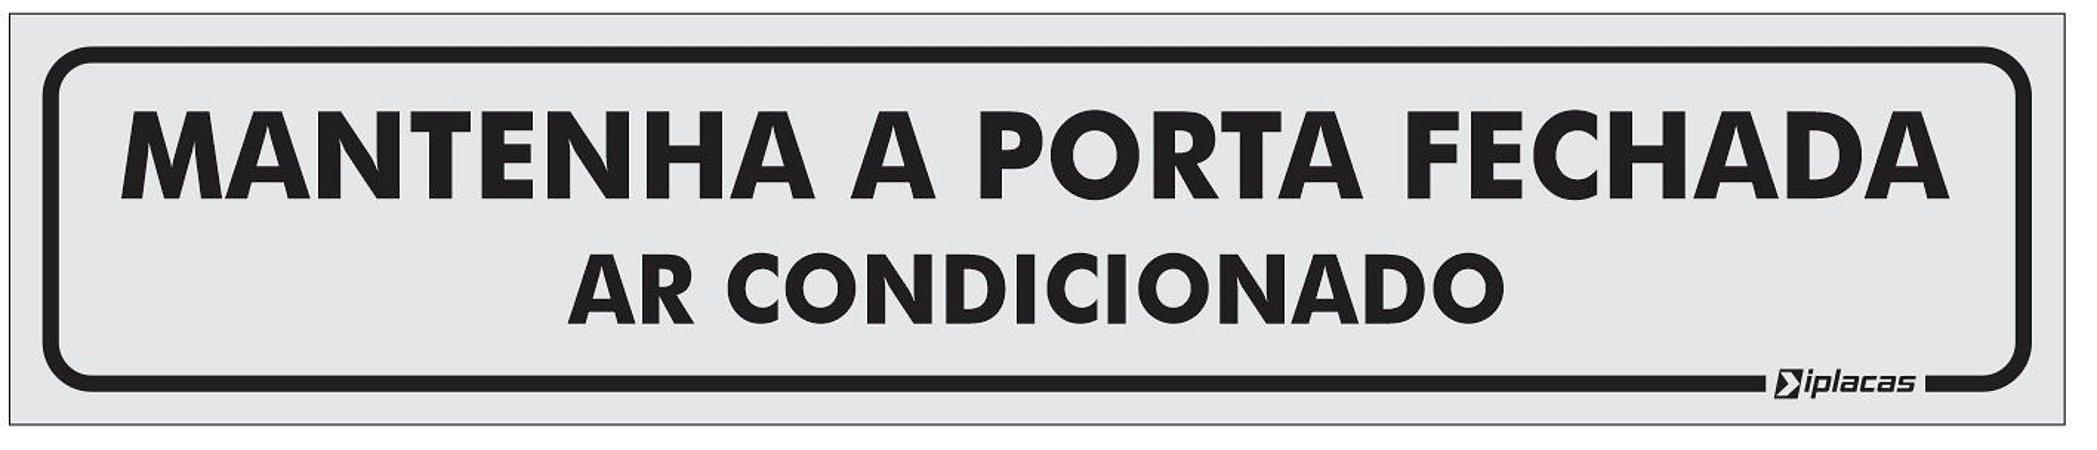 Placa Identificação Mantenha a Porta Fechada - Ar Condicionado - em PS 1mm